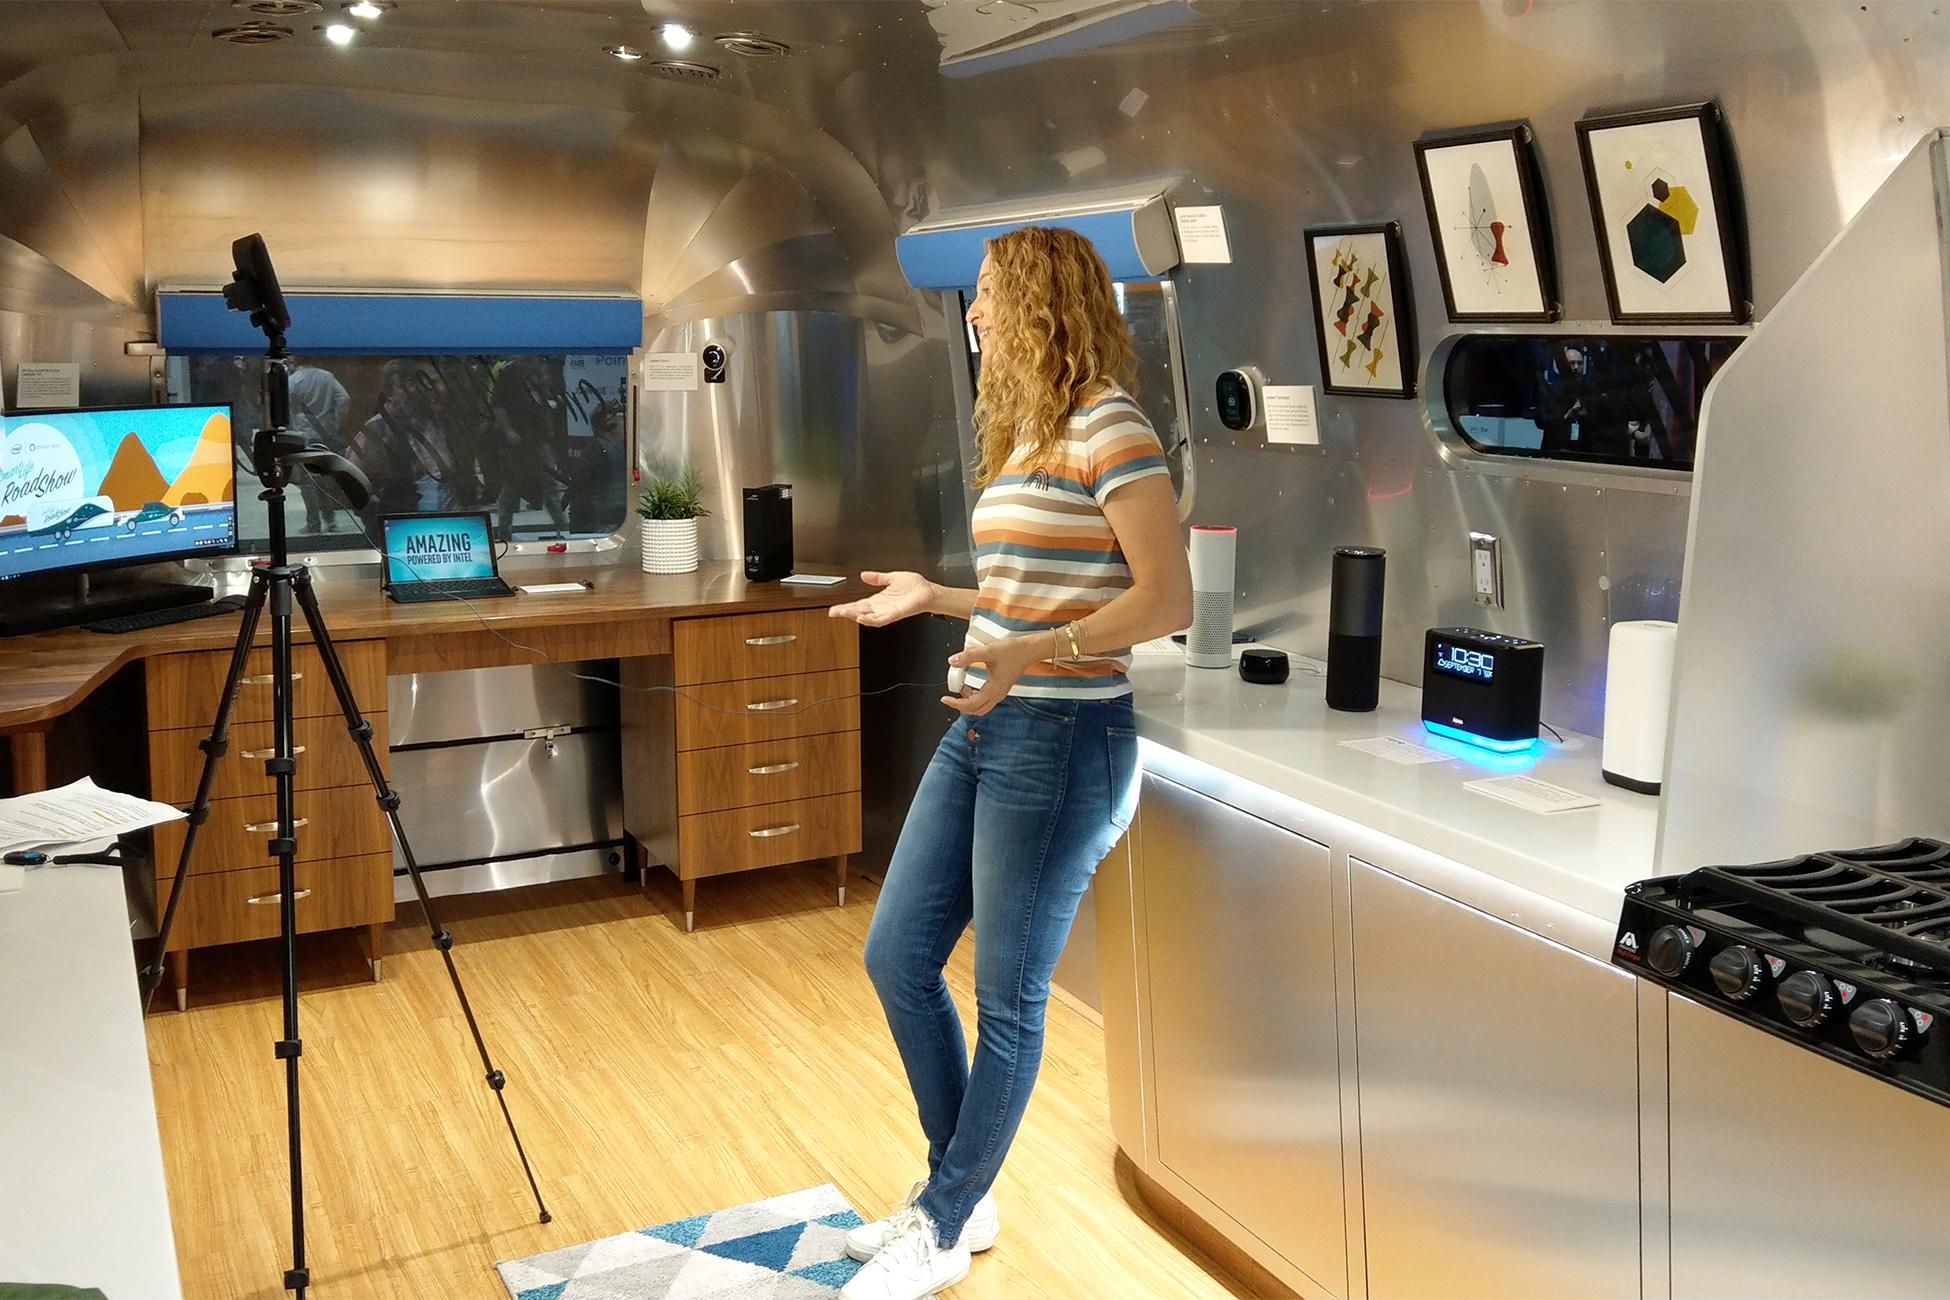 smart home: Intel and Amazon Smart Life Roadshow